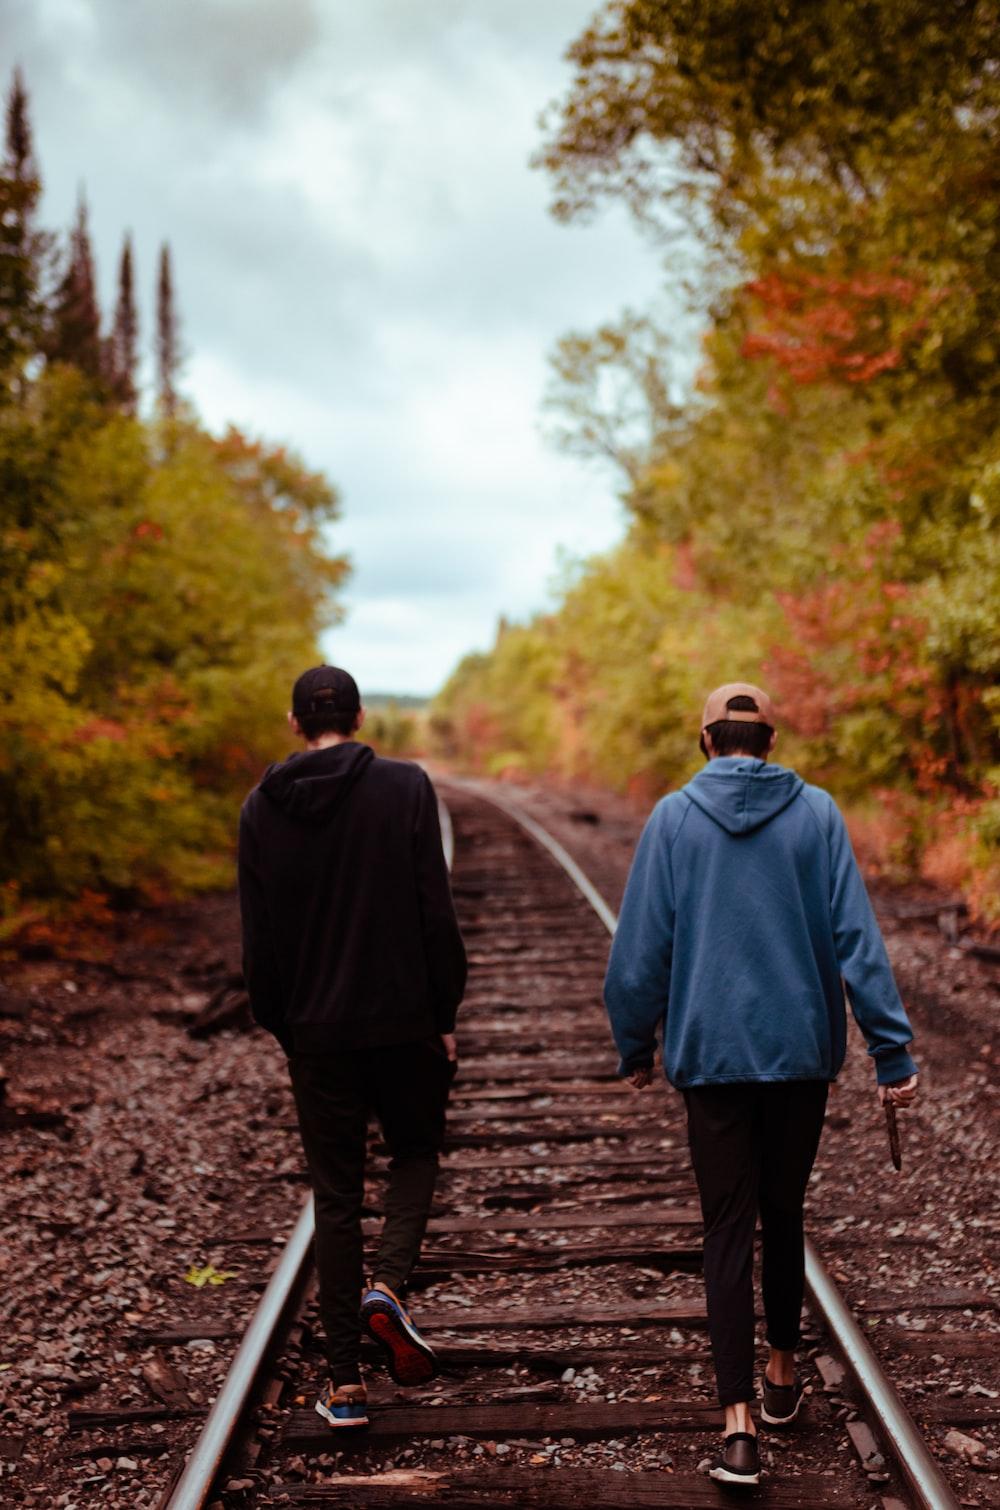 man in gray hoodie walking on pathway during daytime